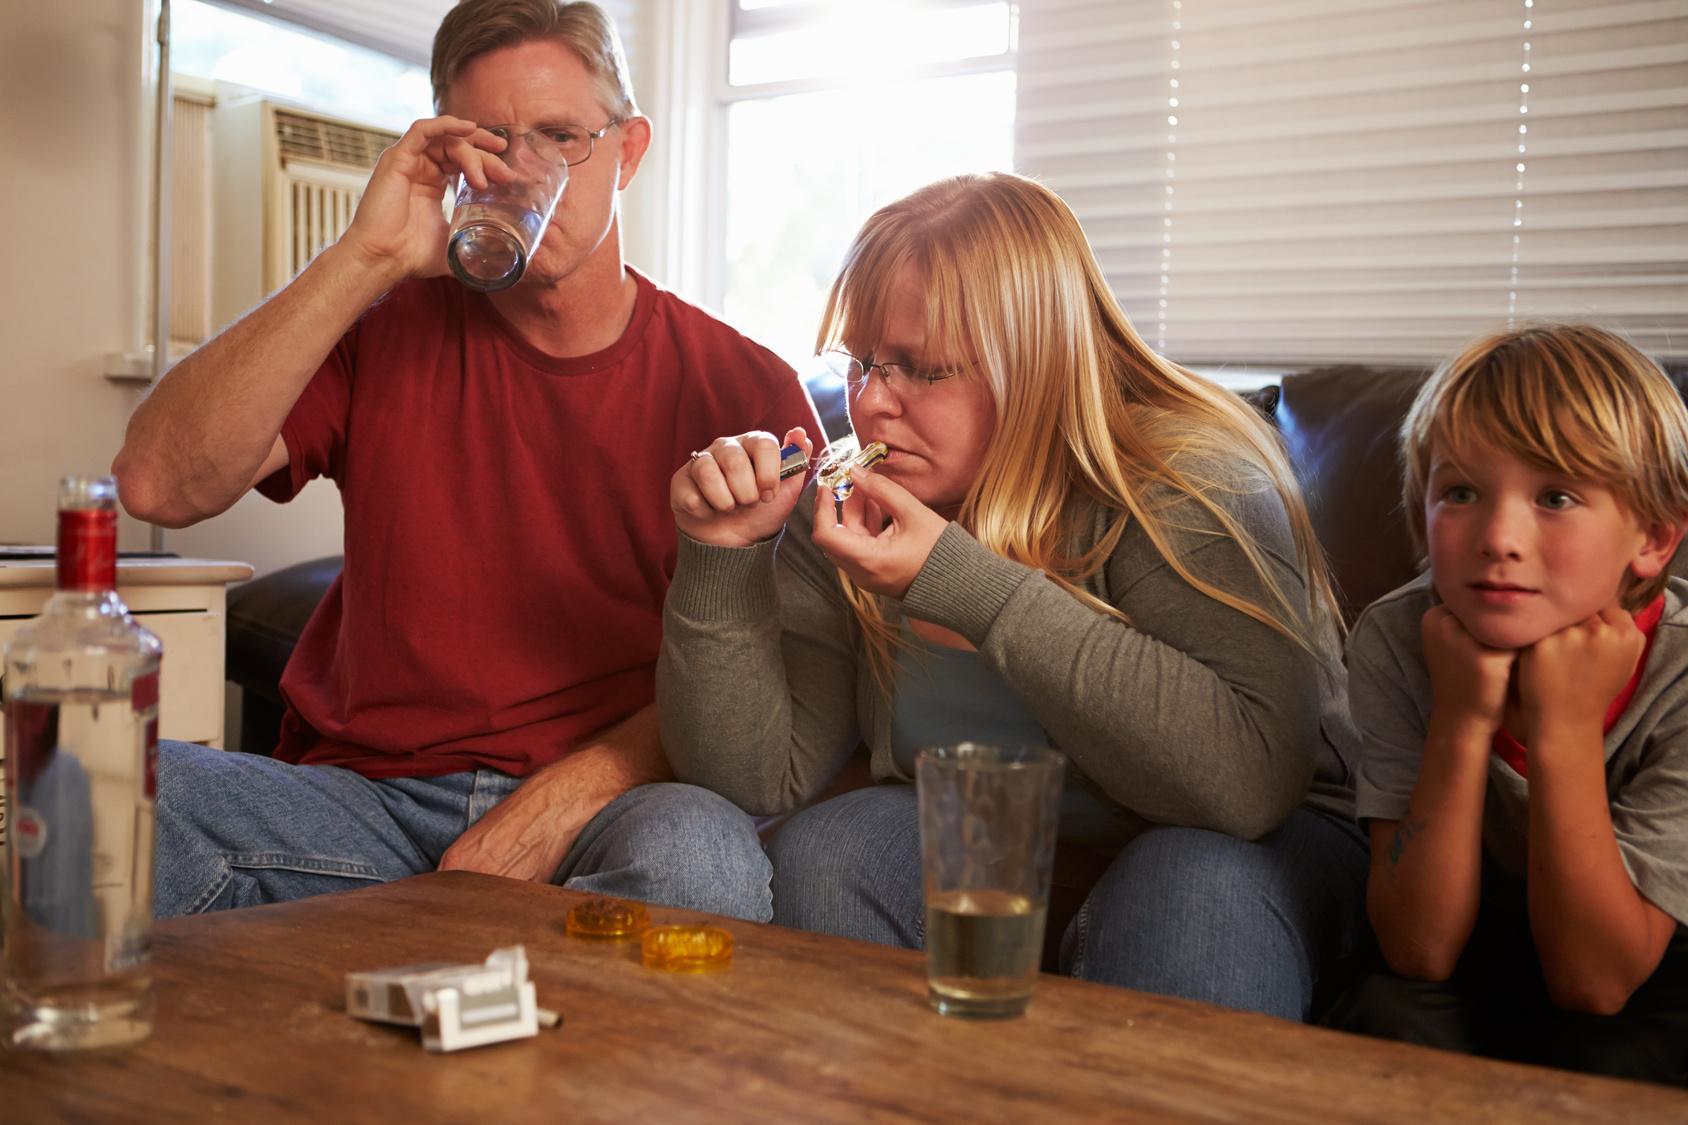 Alcolizzato di marito come messaggi alla moglie con lalcolizzato